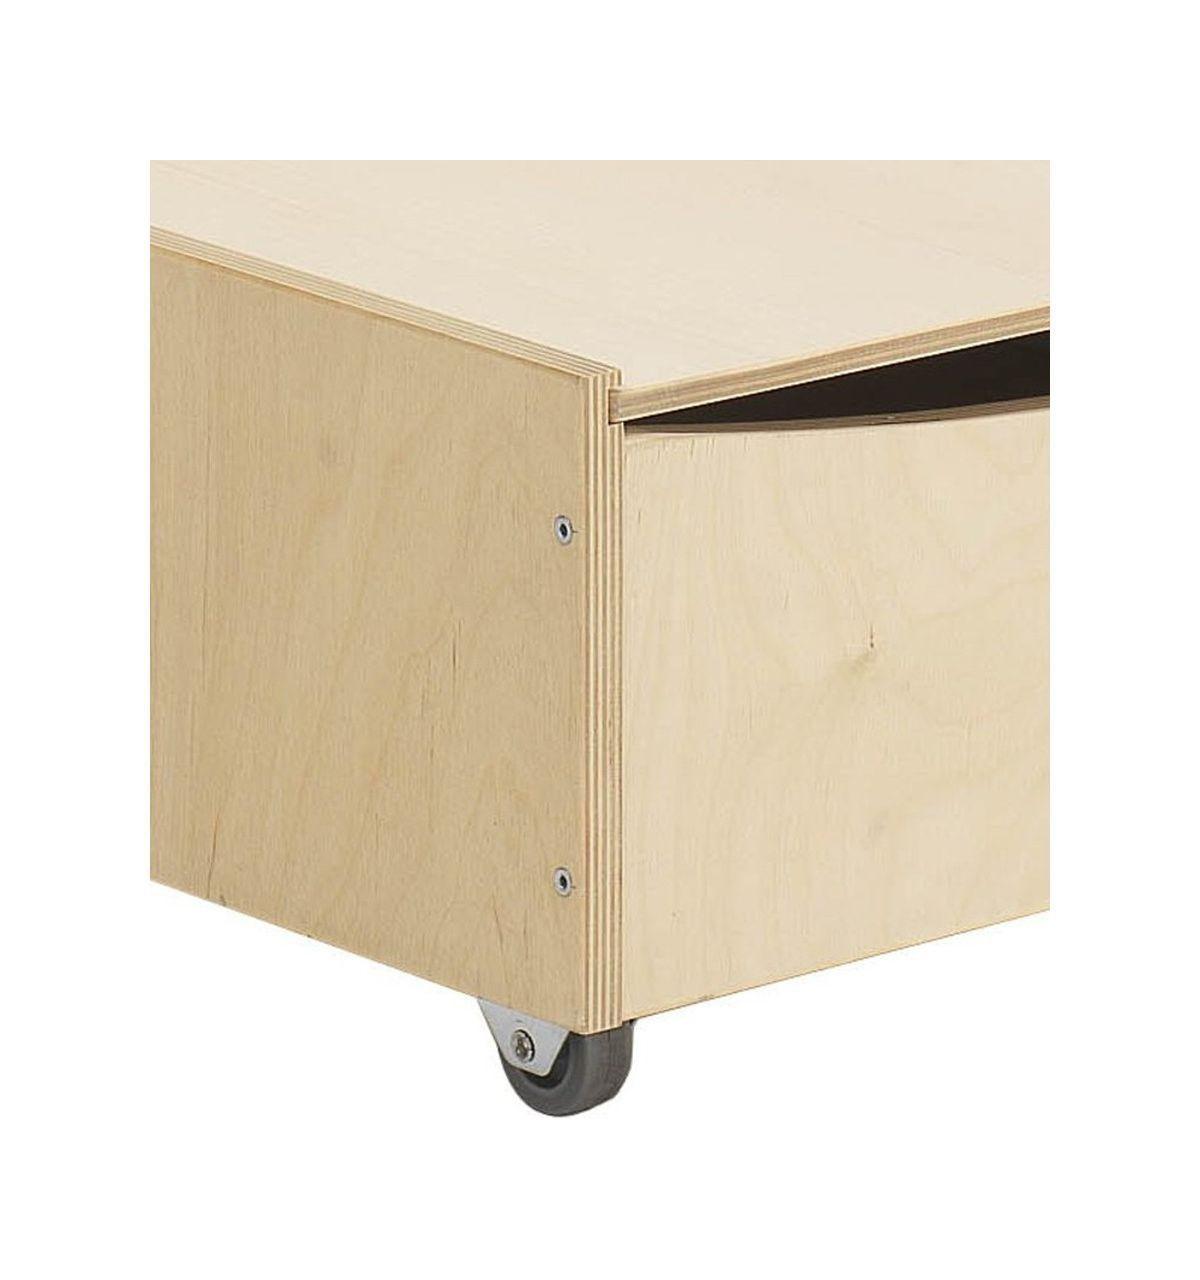 Hugs factory cassettone scatola sottoletto in legno - Contenitori sottoletto con ruote ...